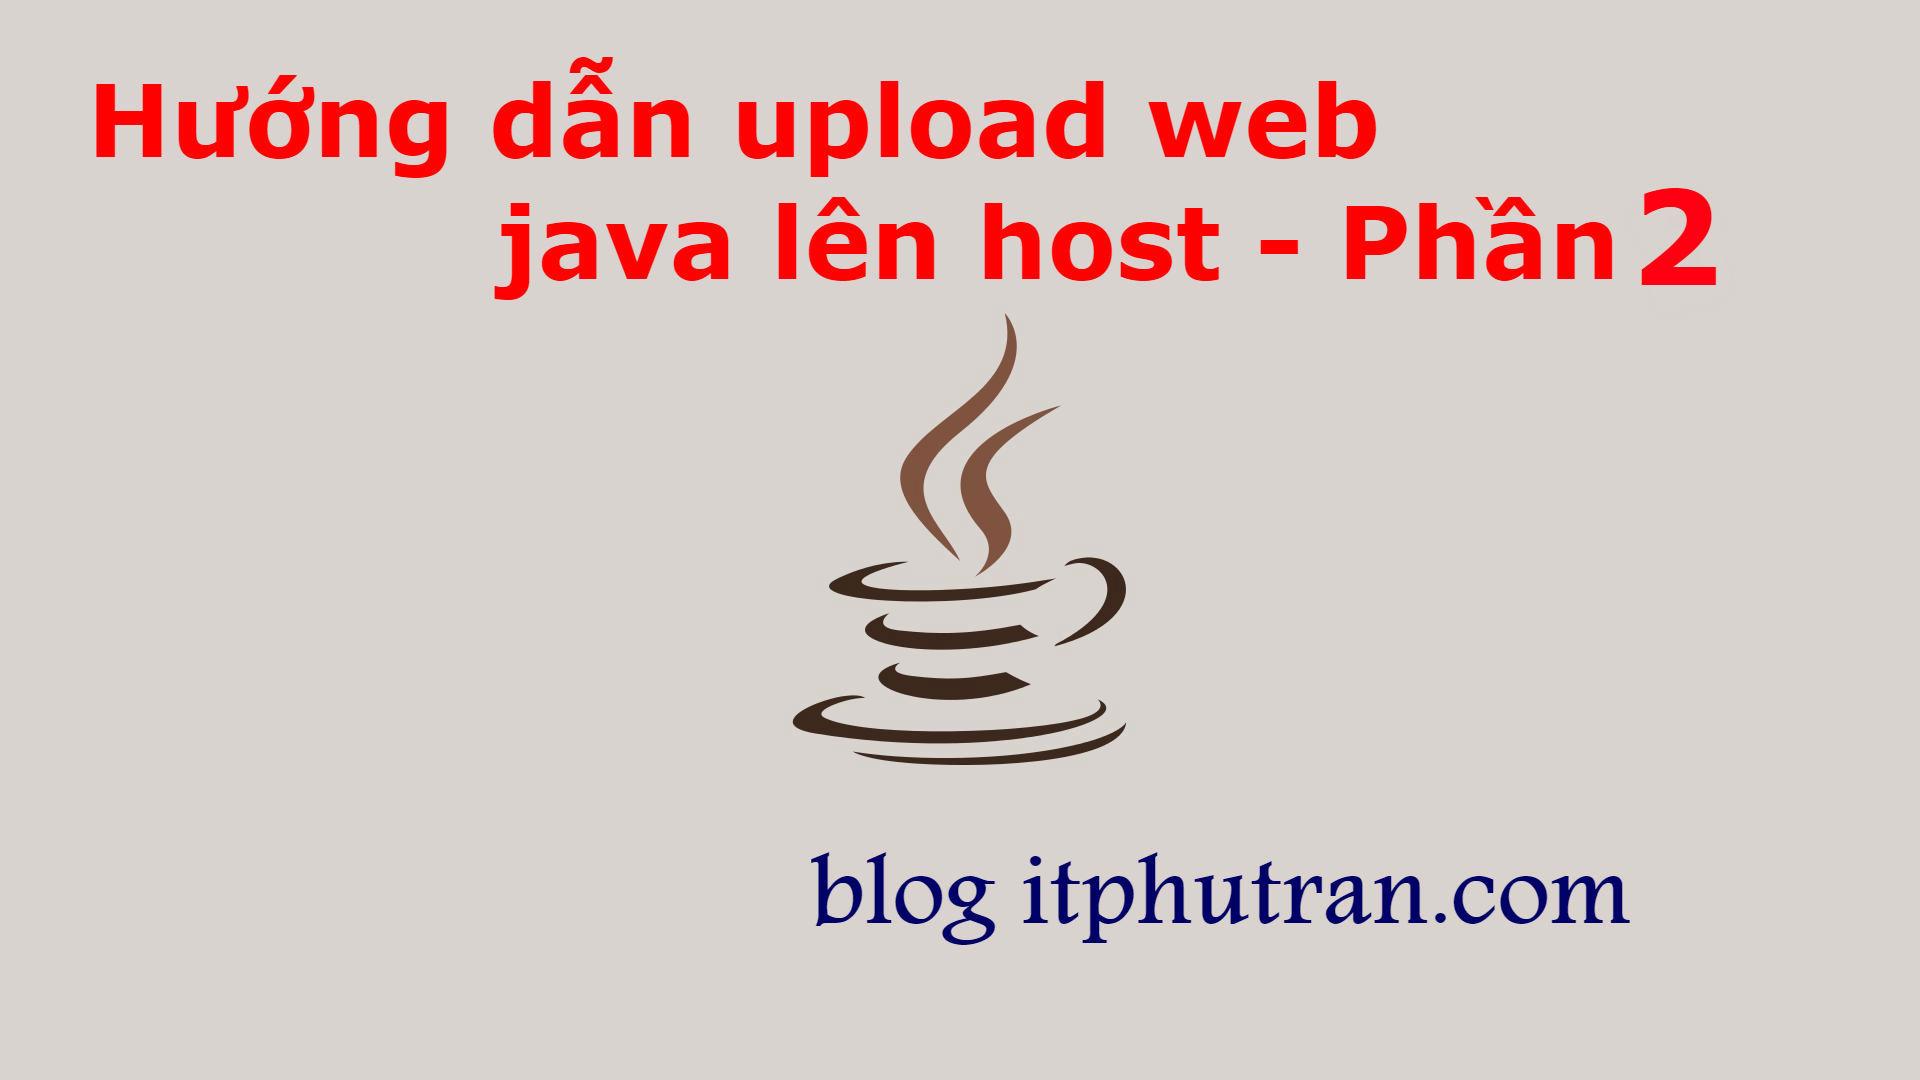 Hướng dẫn upload web java jsp servlet lên host – Phần 2